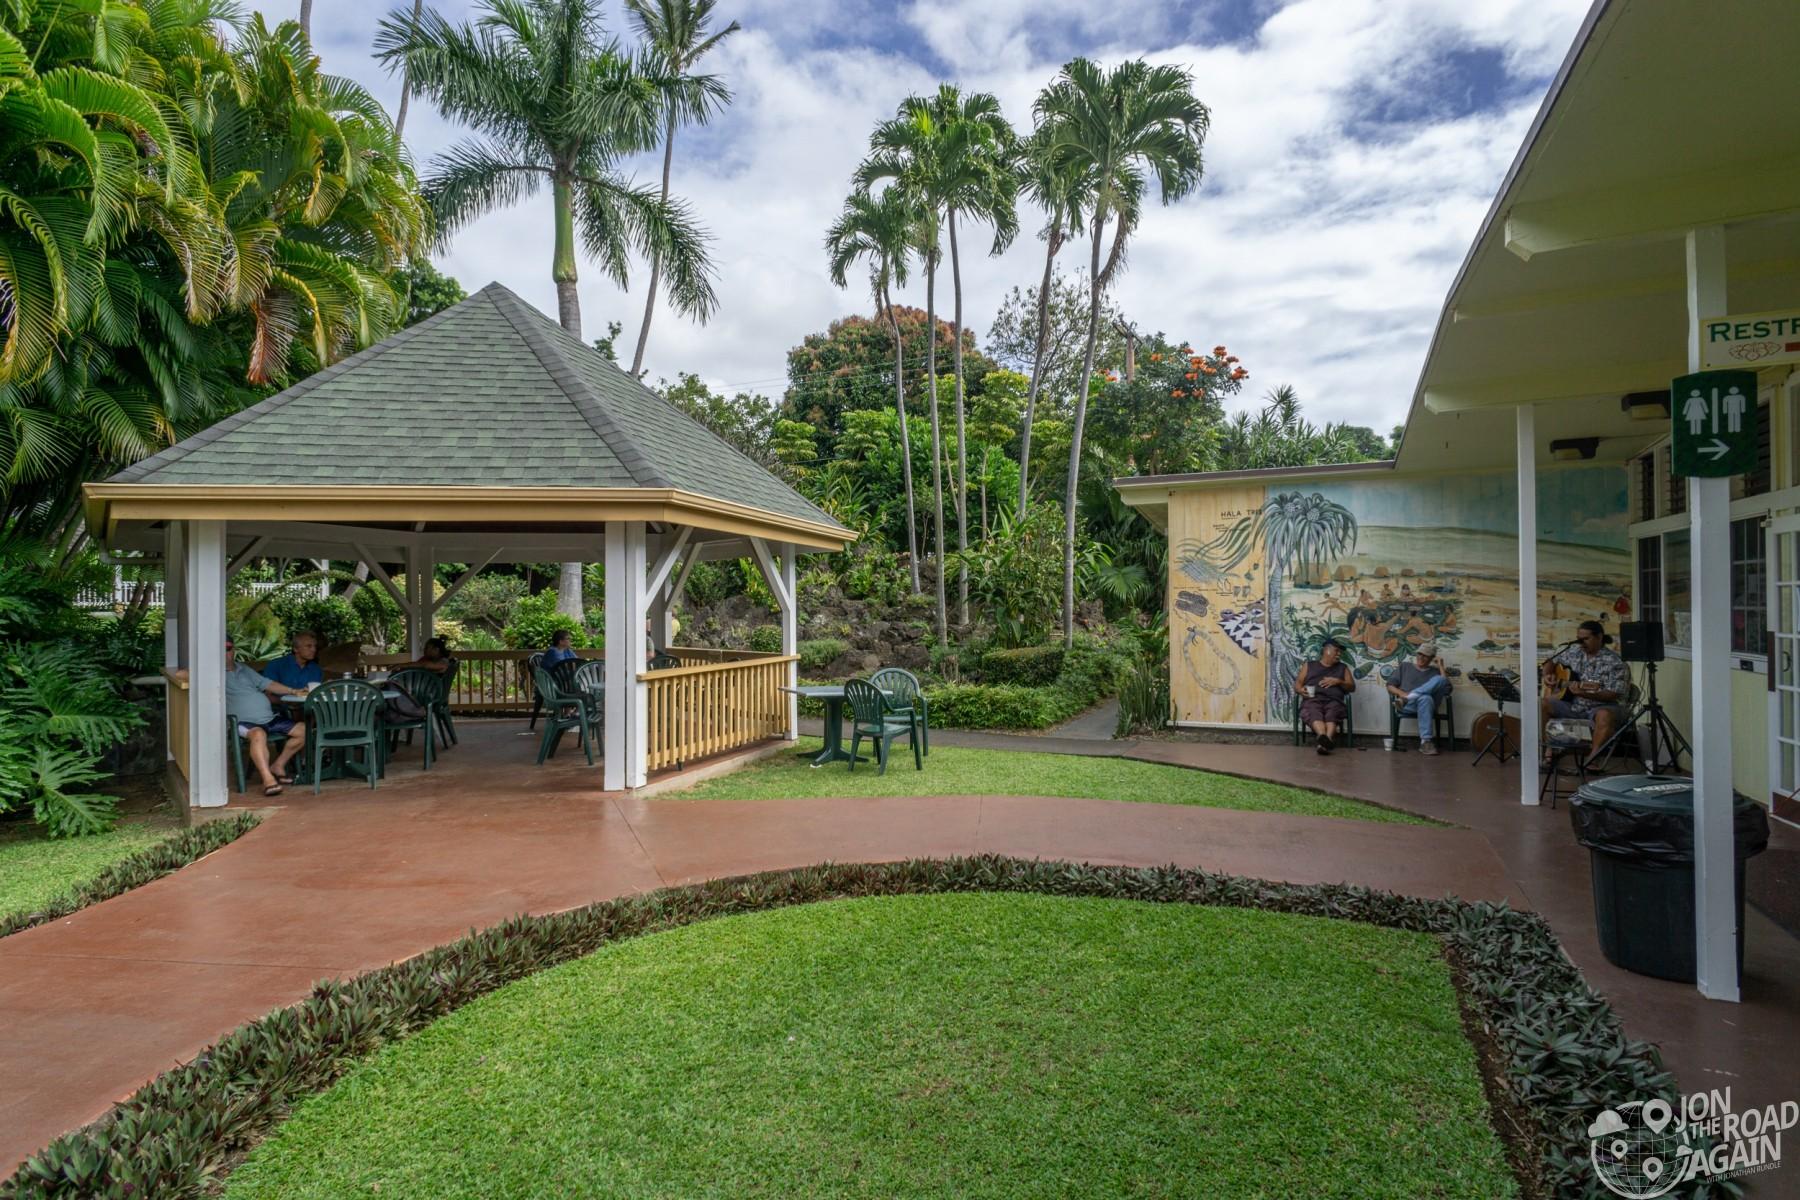 Punalu'u Bake Shop courtyard